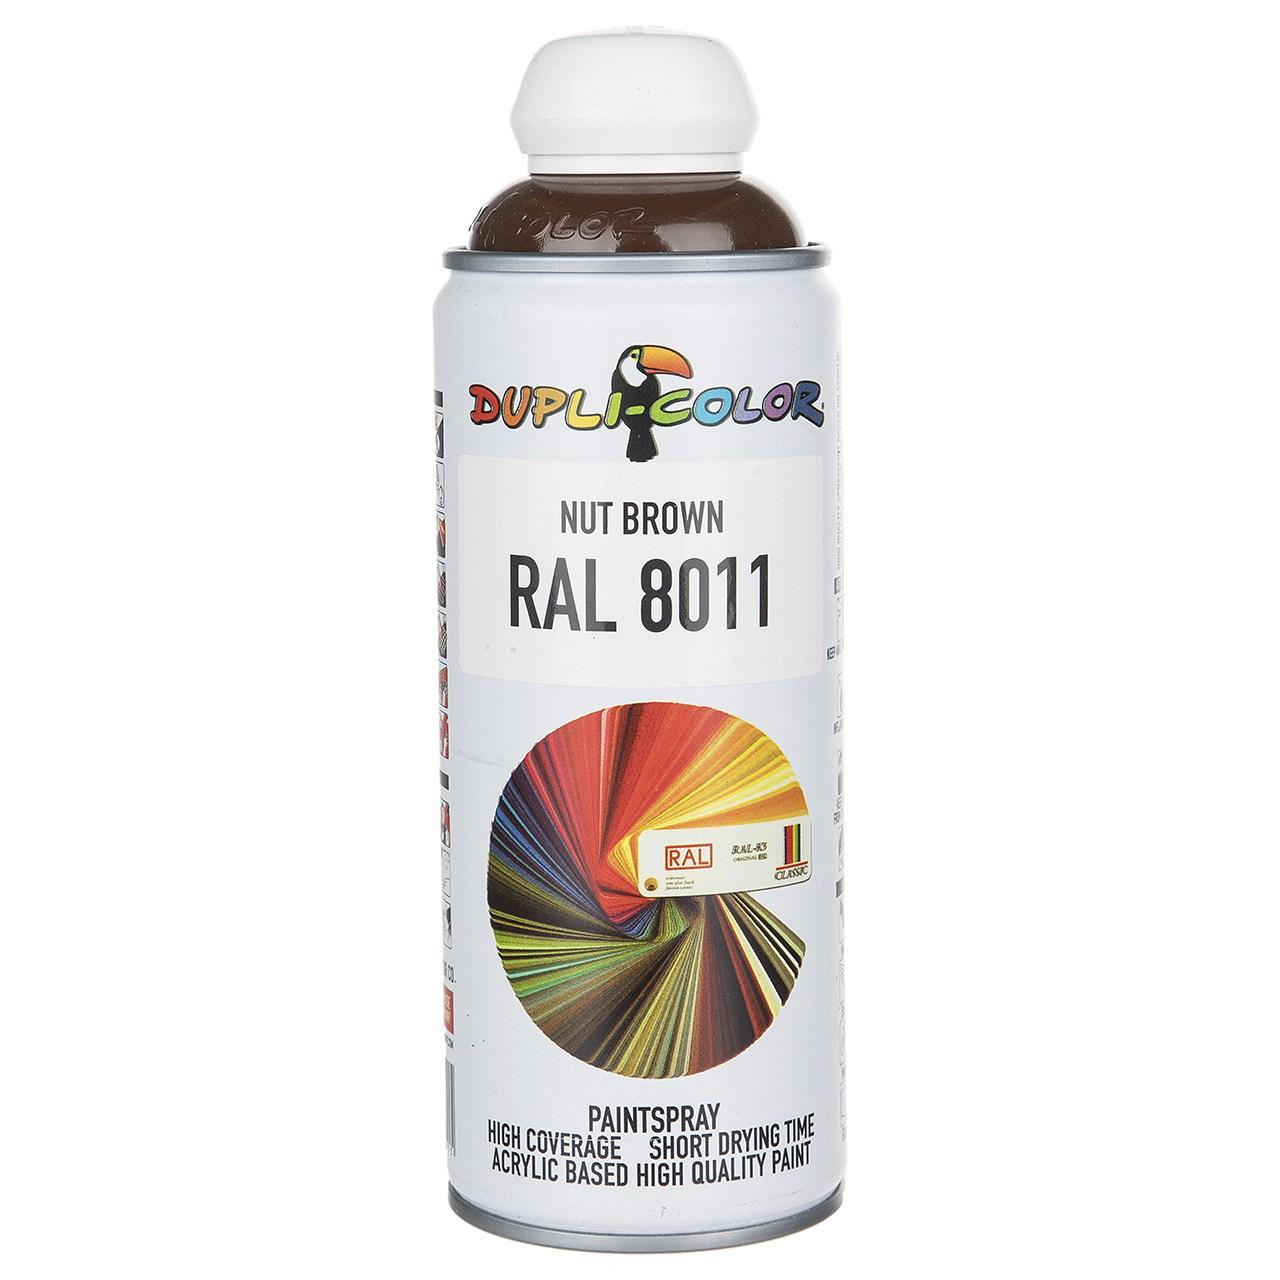 اسپری رنگ قهوه ای دوپلی کالر مدل RAL 8011 حجم ۴۰۰ میلی لیتر